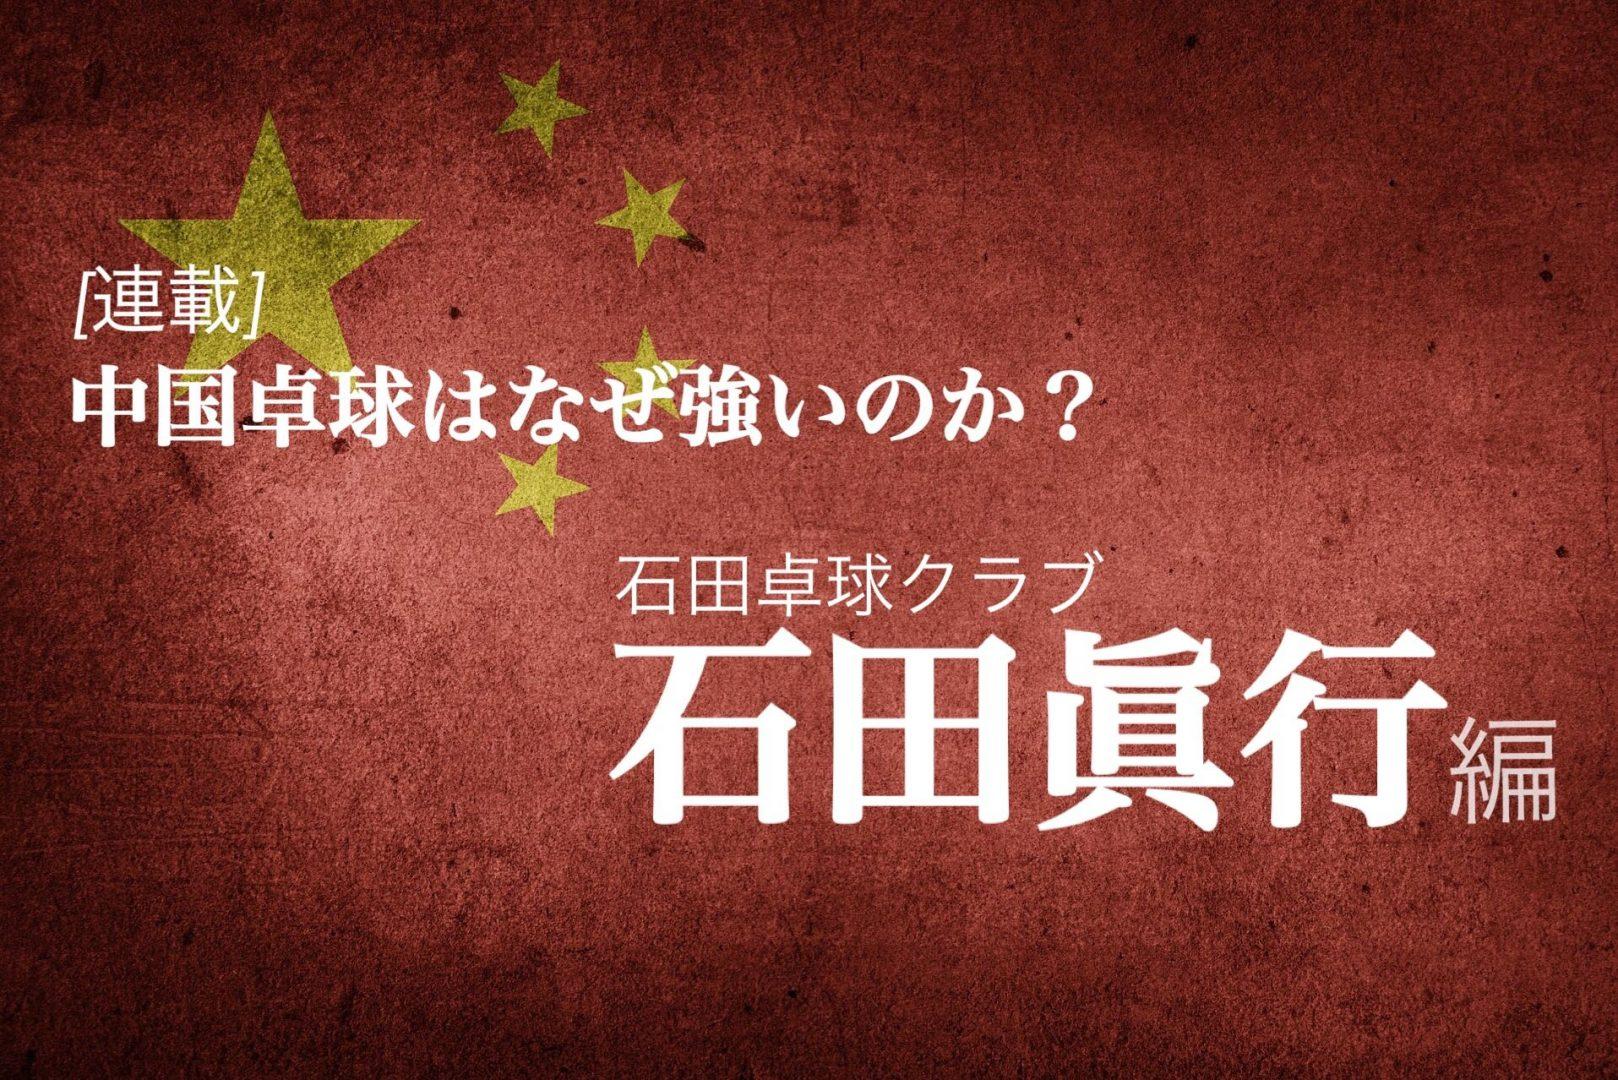 なぜ中国は卓球が強いのか?<Vol3.石田眞行(石田卓球クラブ)>